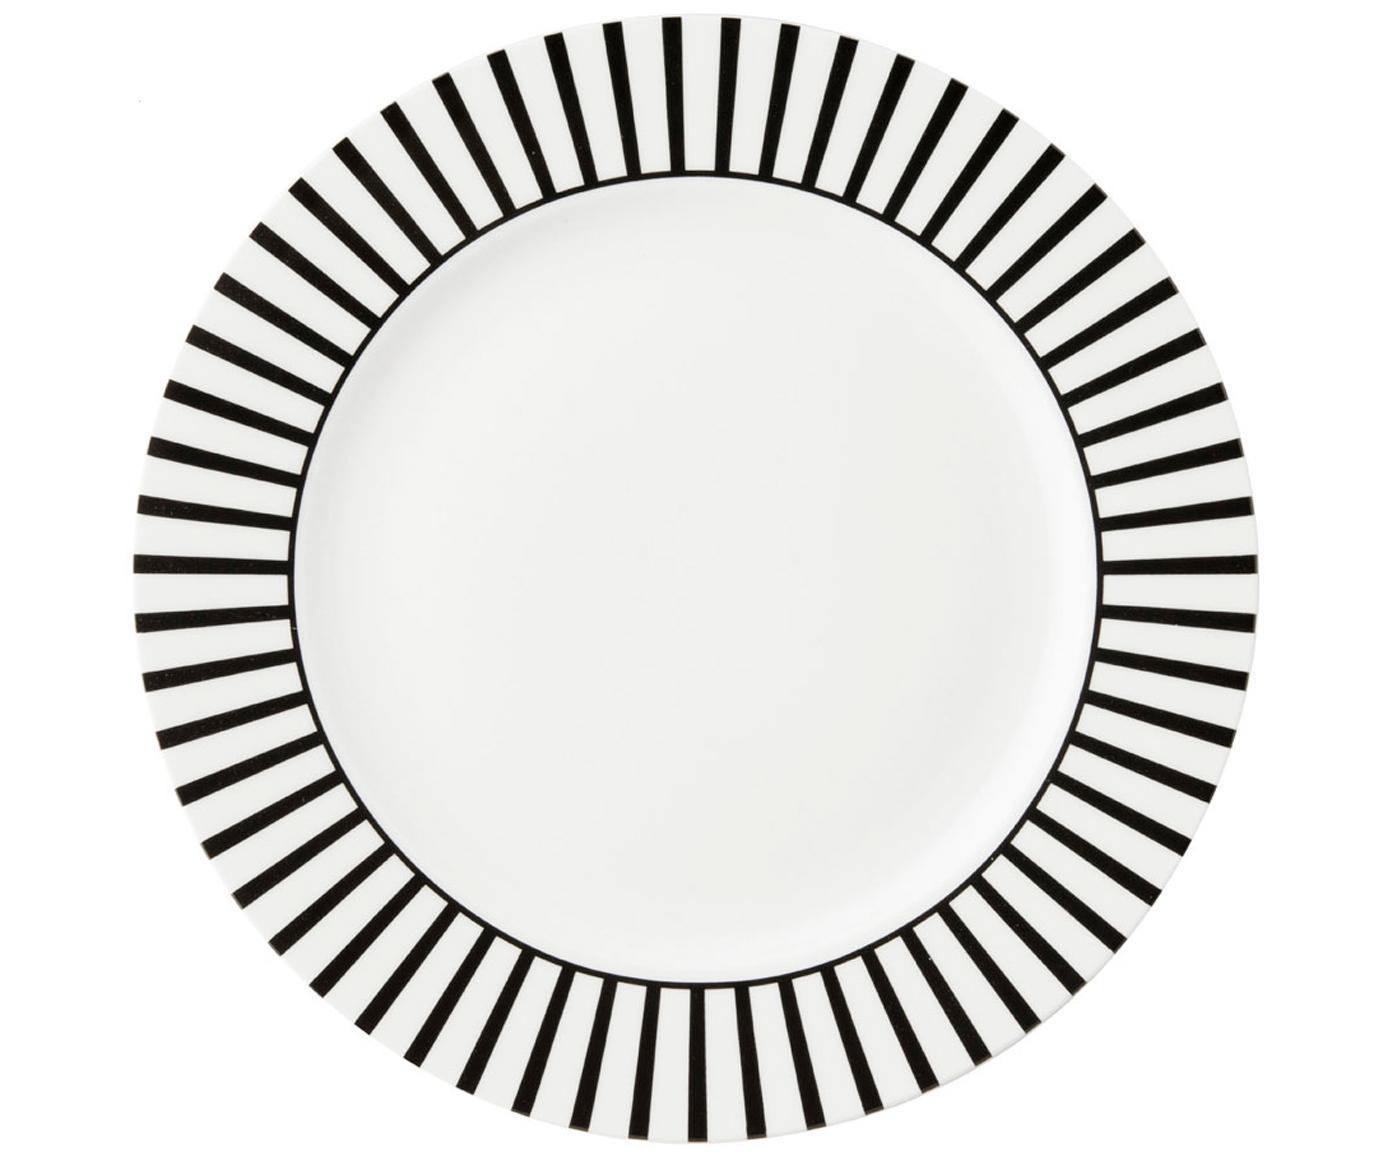 Frühstücksteller Ceres Loft mit Streifendekor in Schwarz/Weiss, 4 Stück, Porzellan, Weiss, Schwarz, Ø 21 x H 2 cm